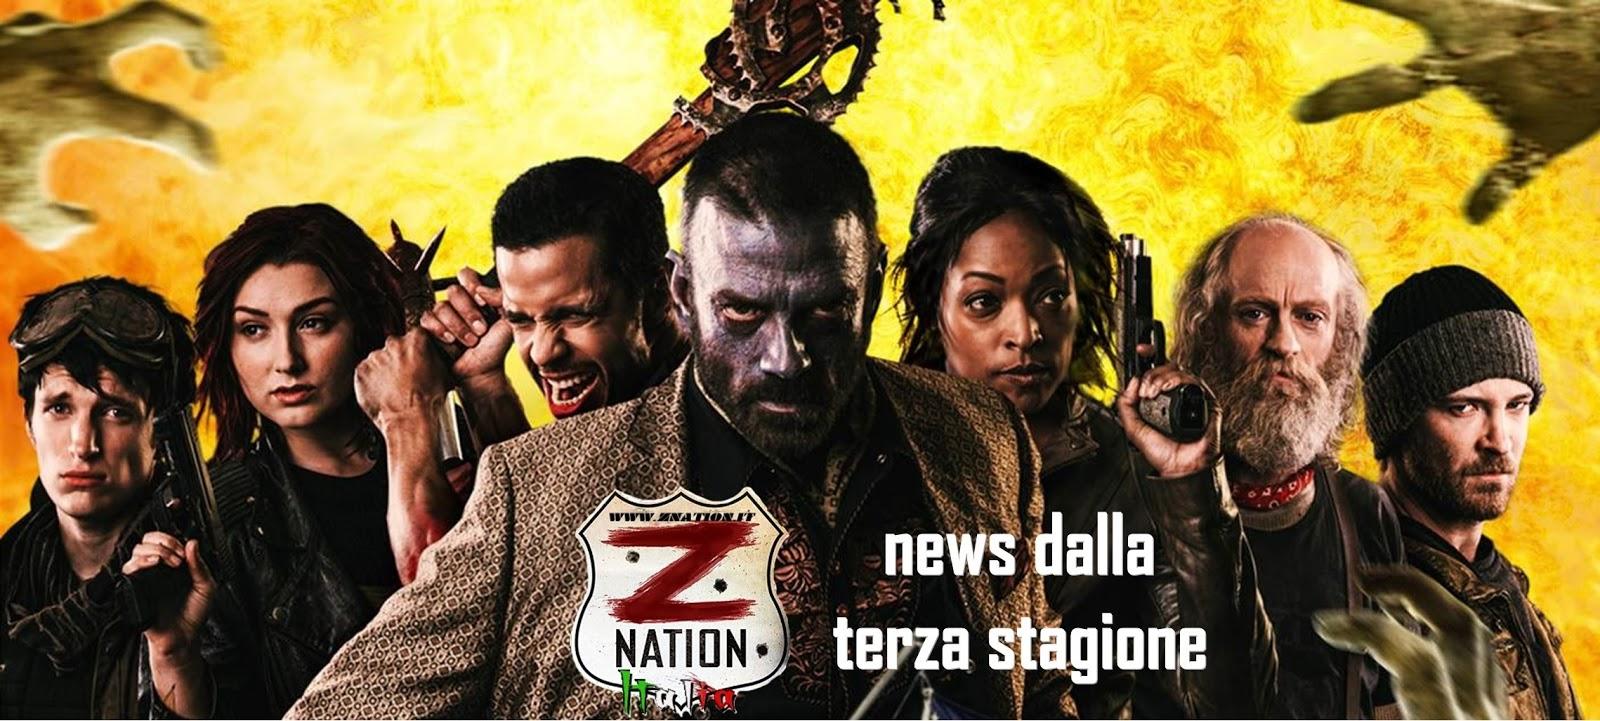 Kết quả hình ảnh cho Phim Cuộc Chiến Zombie Phần 3